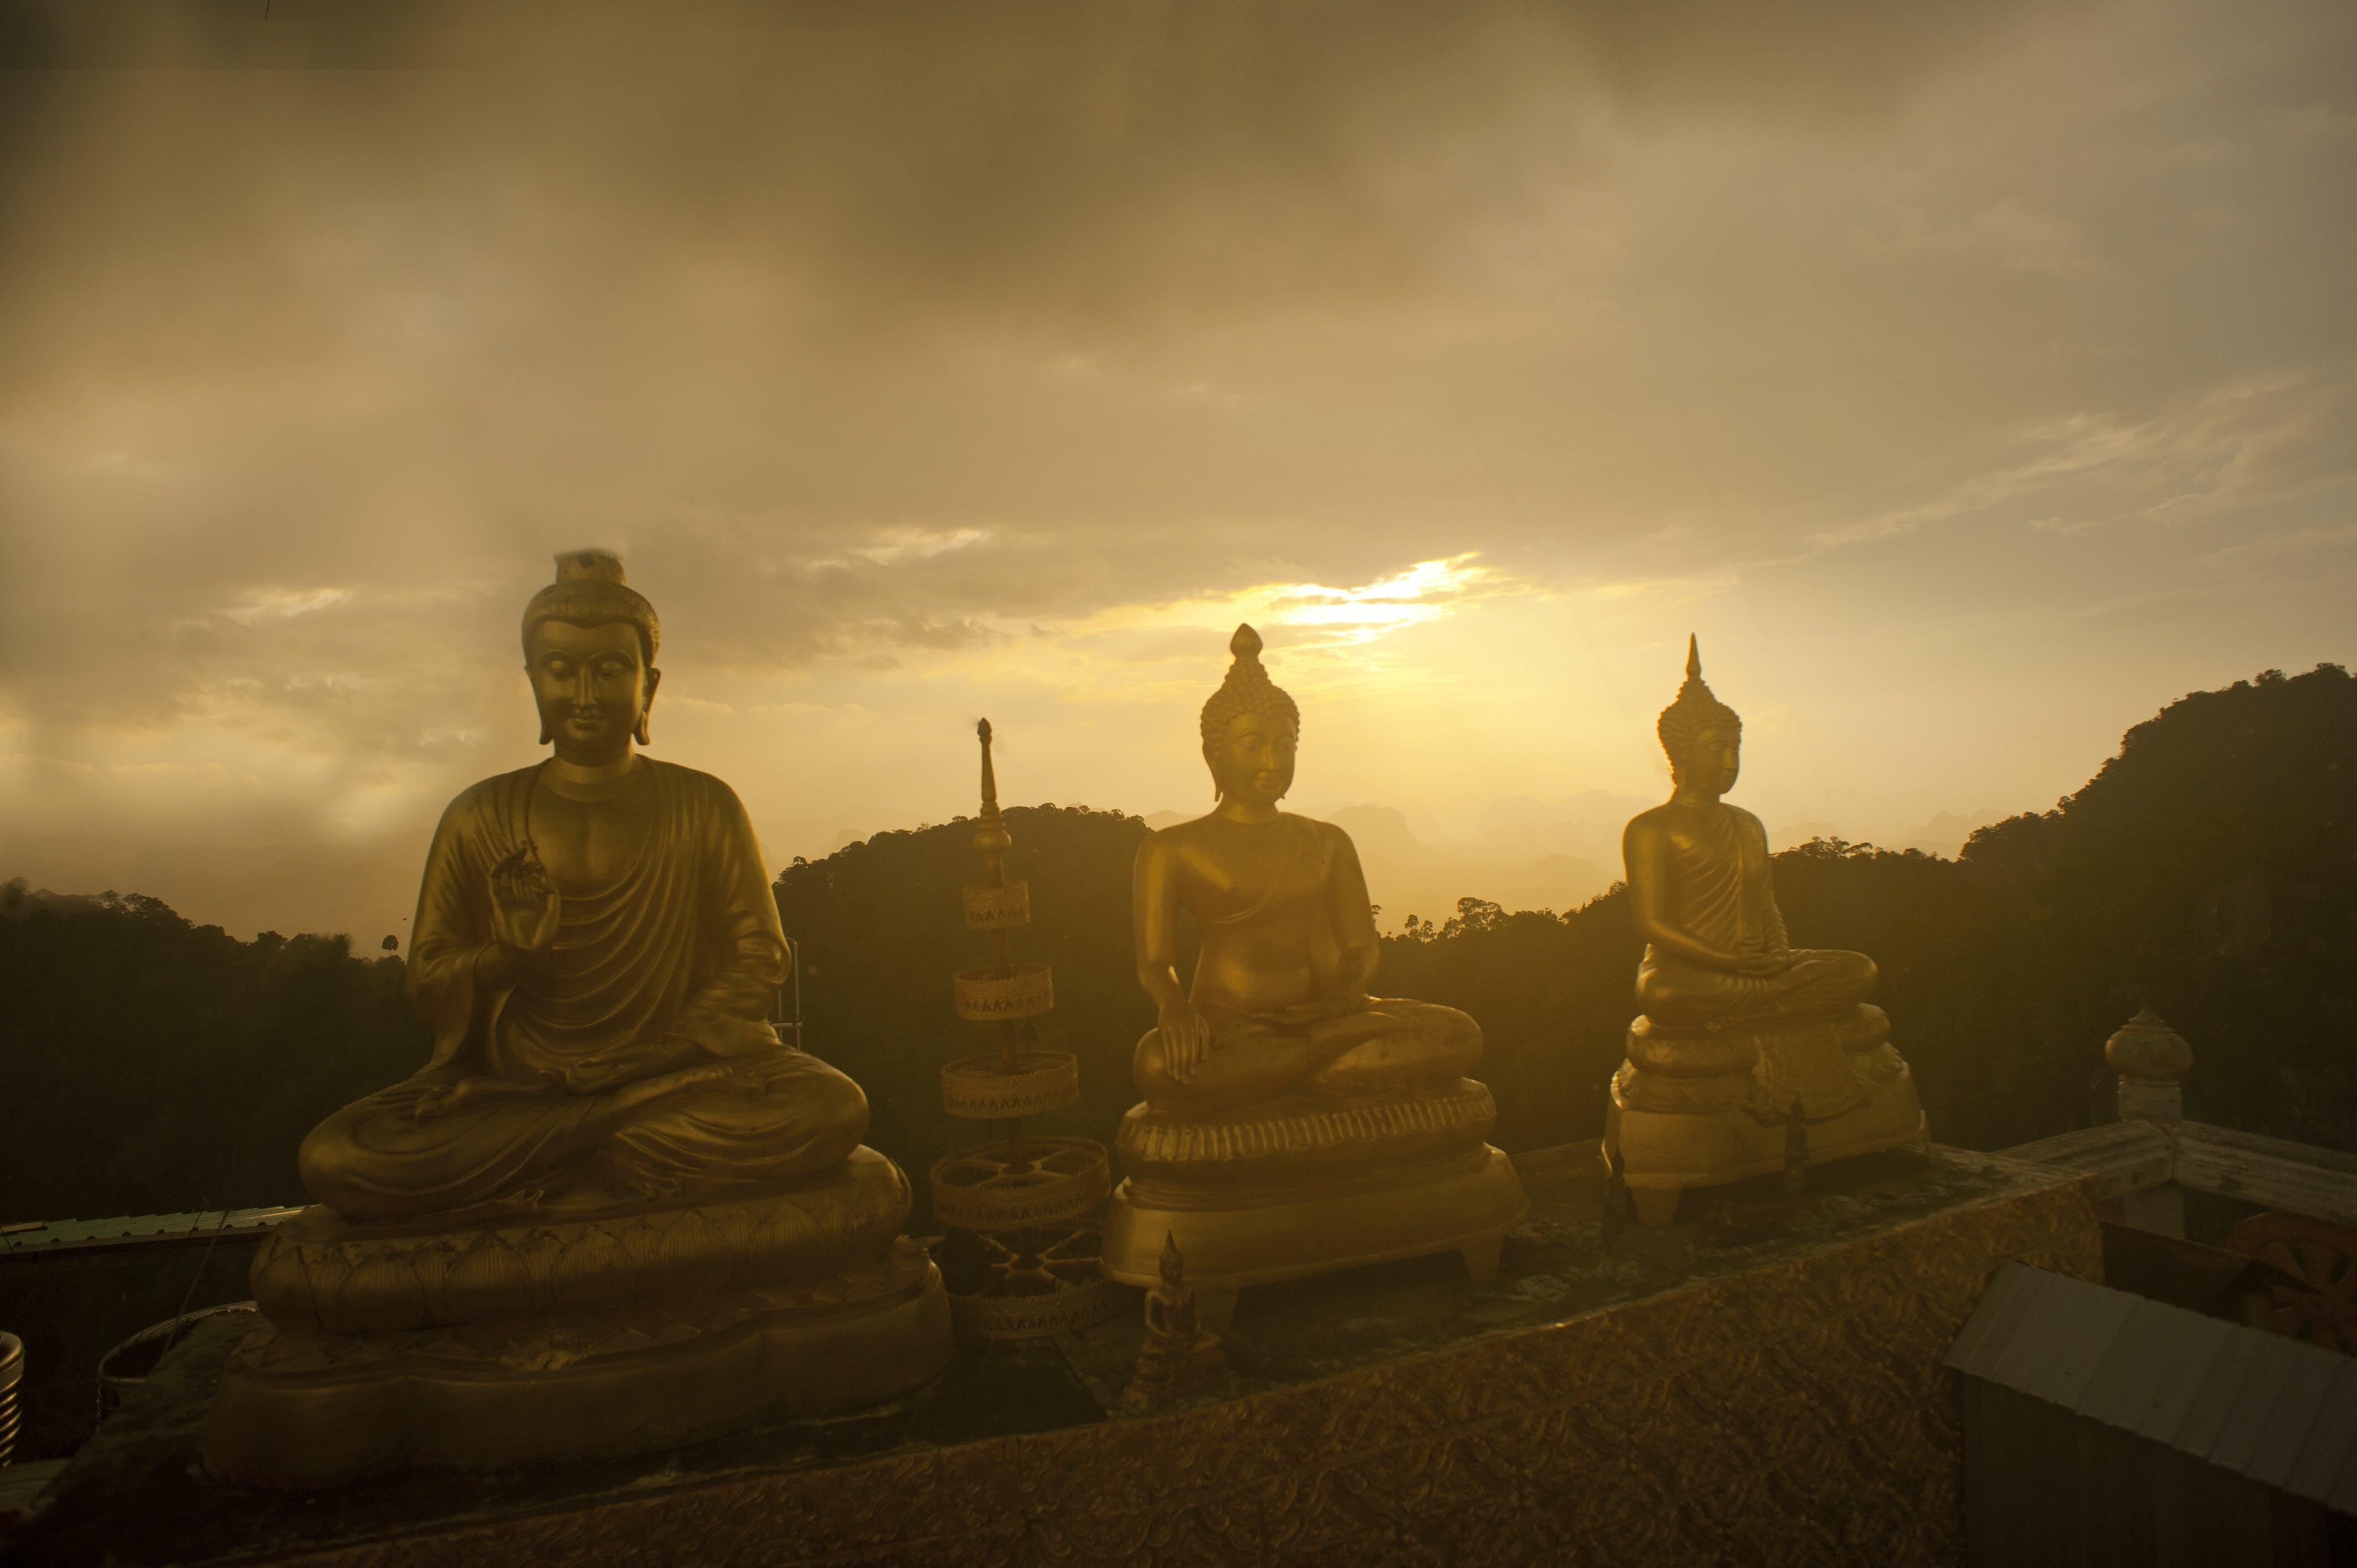 Free stock photo of sunset, religion, thailand, buddha